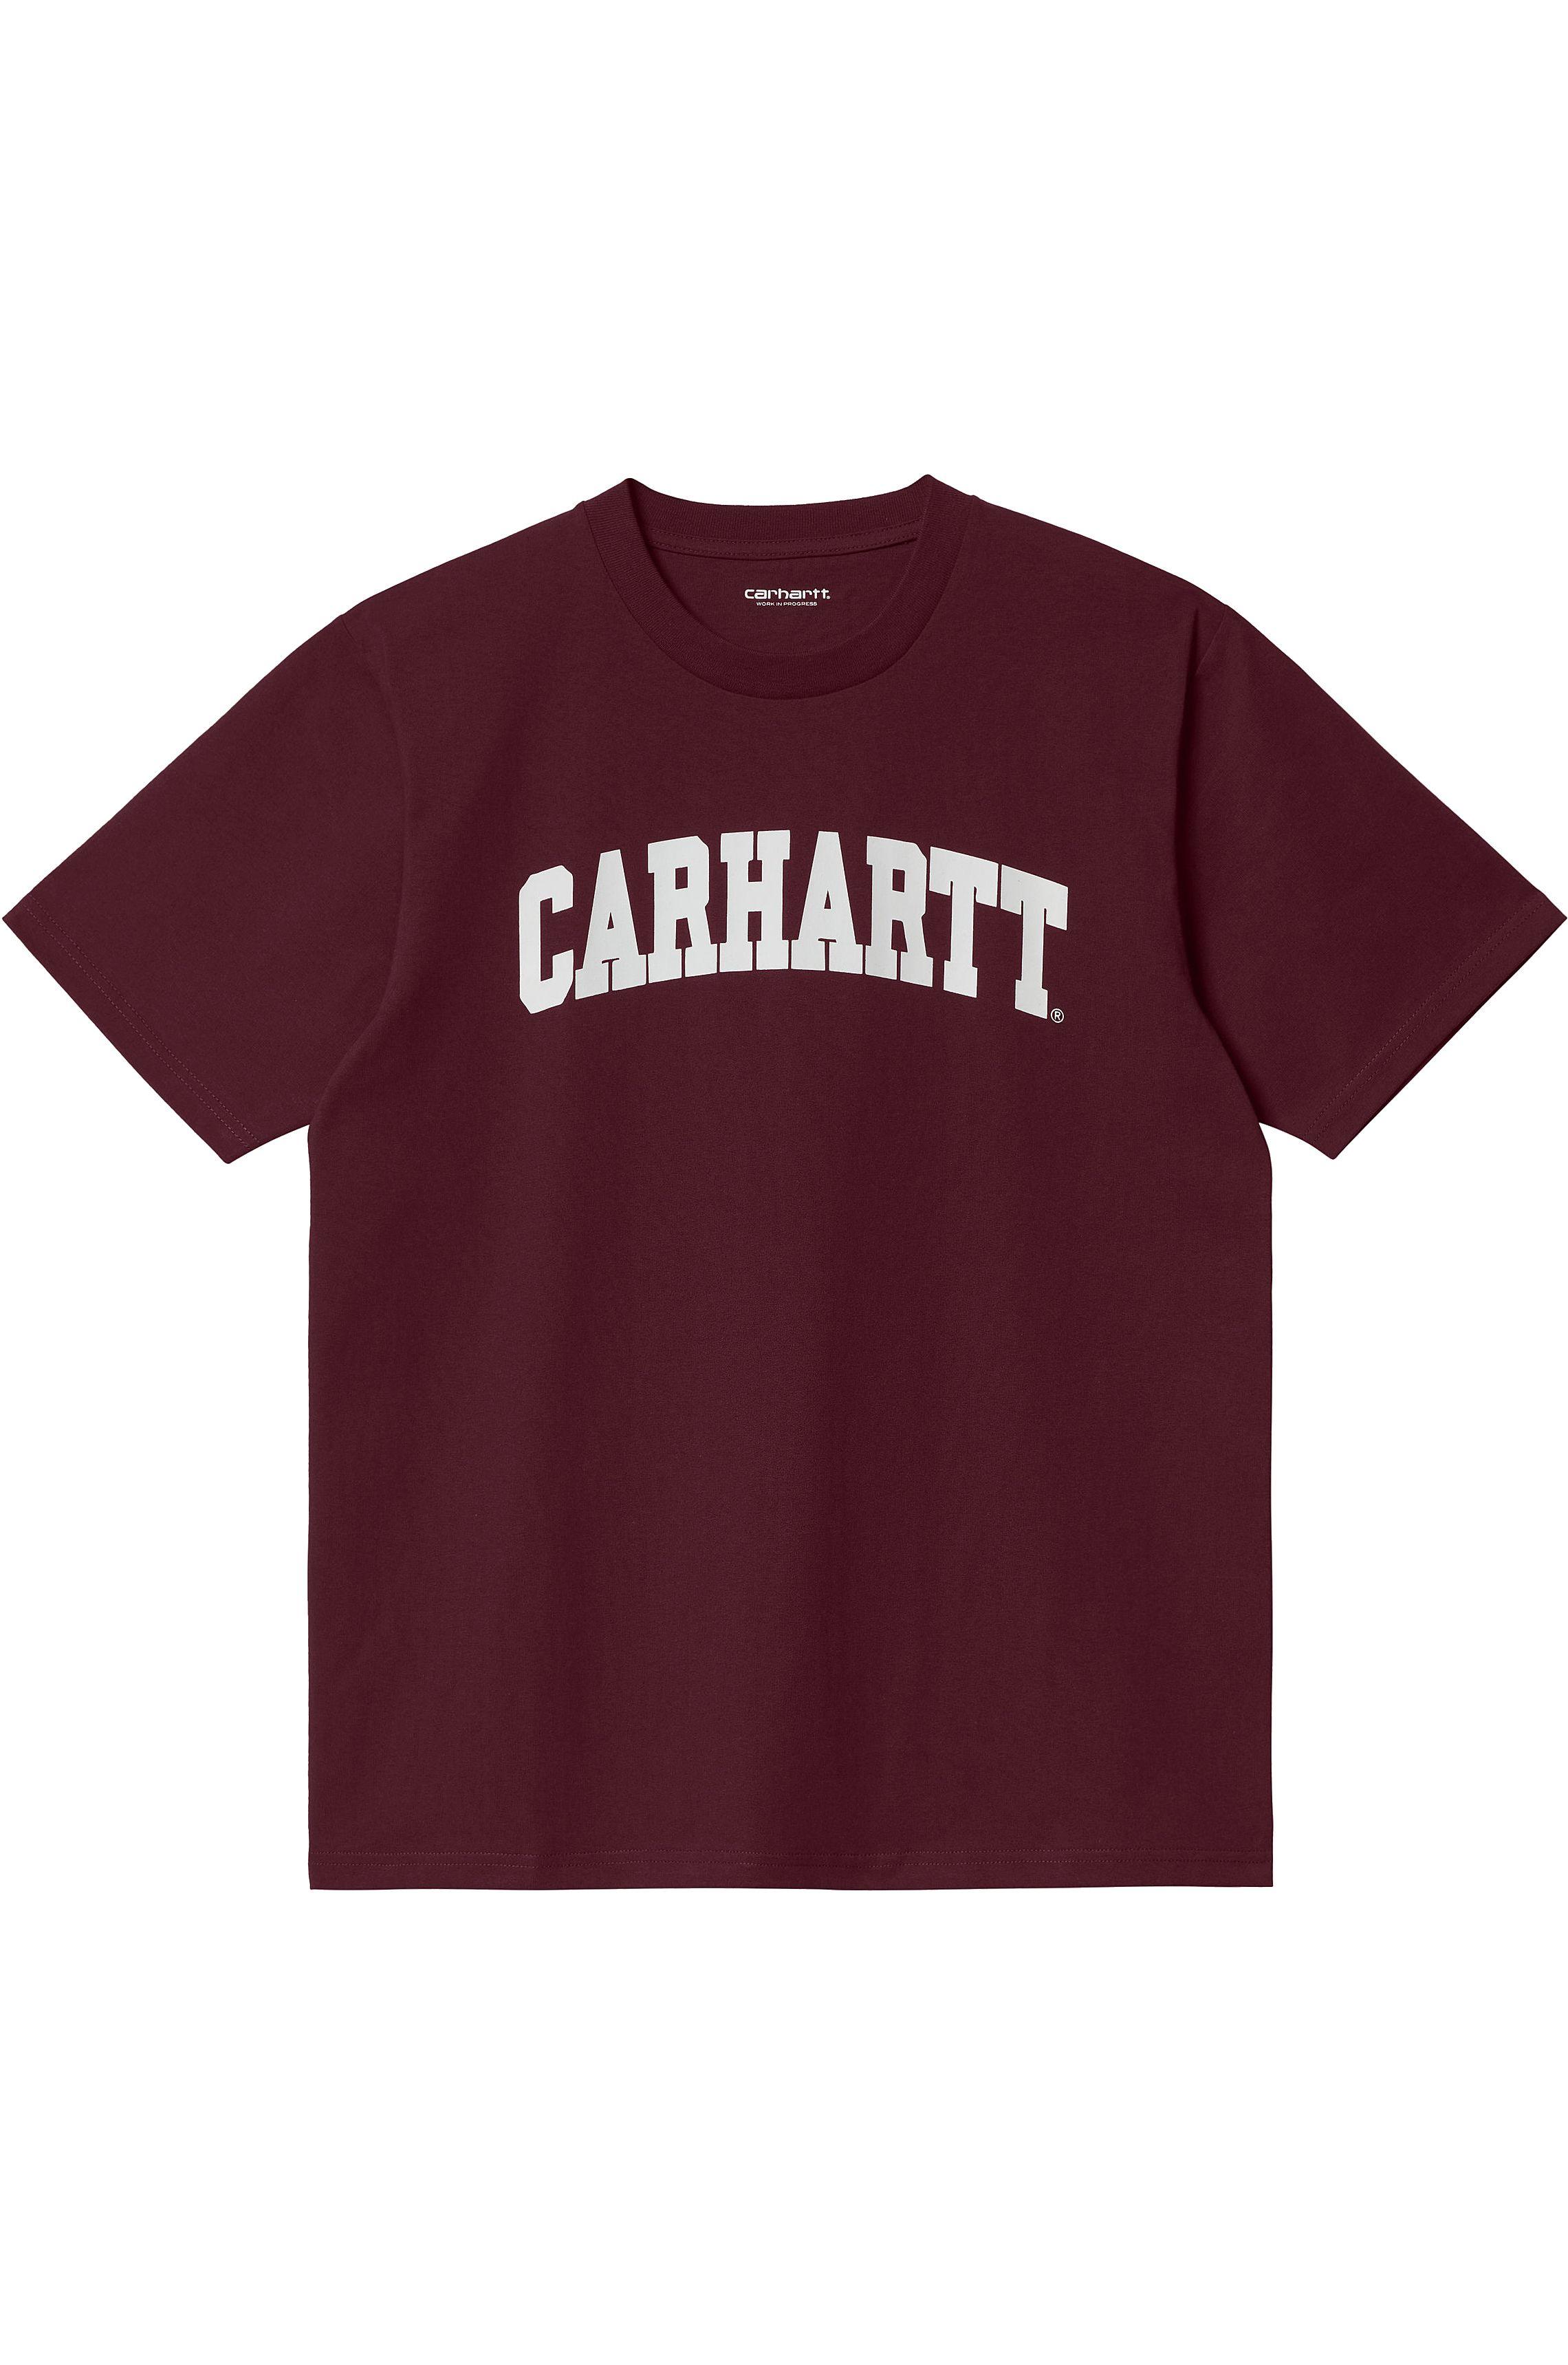 Carhartt WIP T-Shirt UNIVERSITY Wine/White